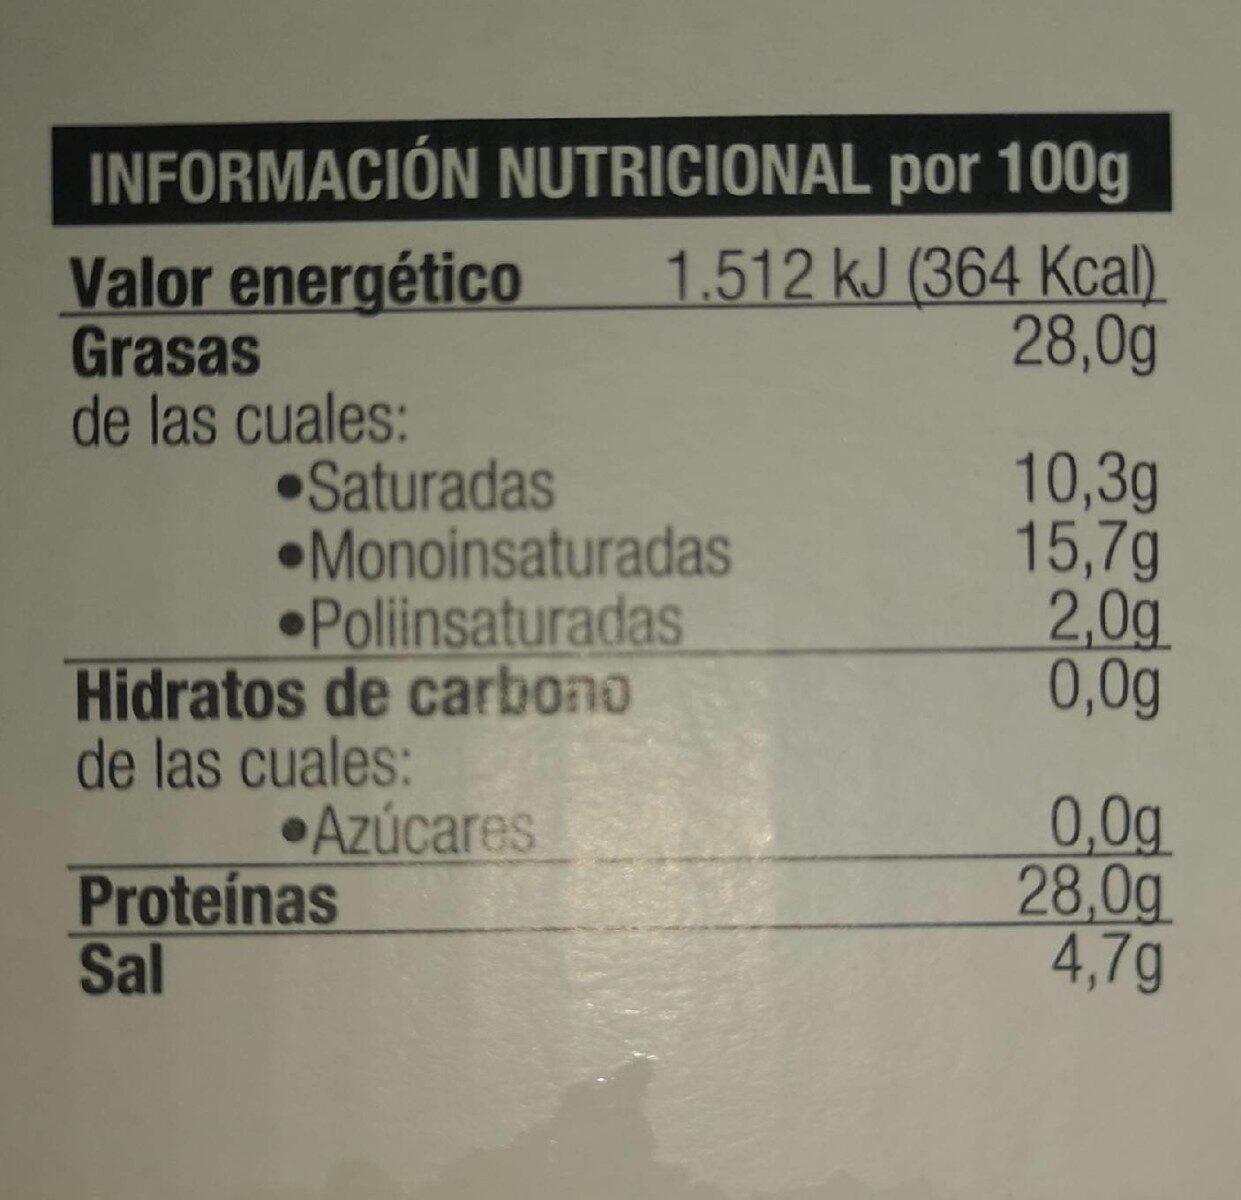 Paleta de cebo Ibérica - Información nutricional - es